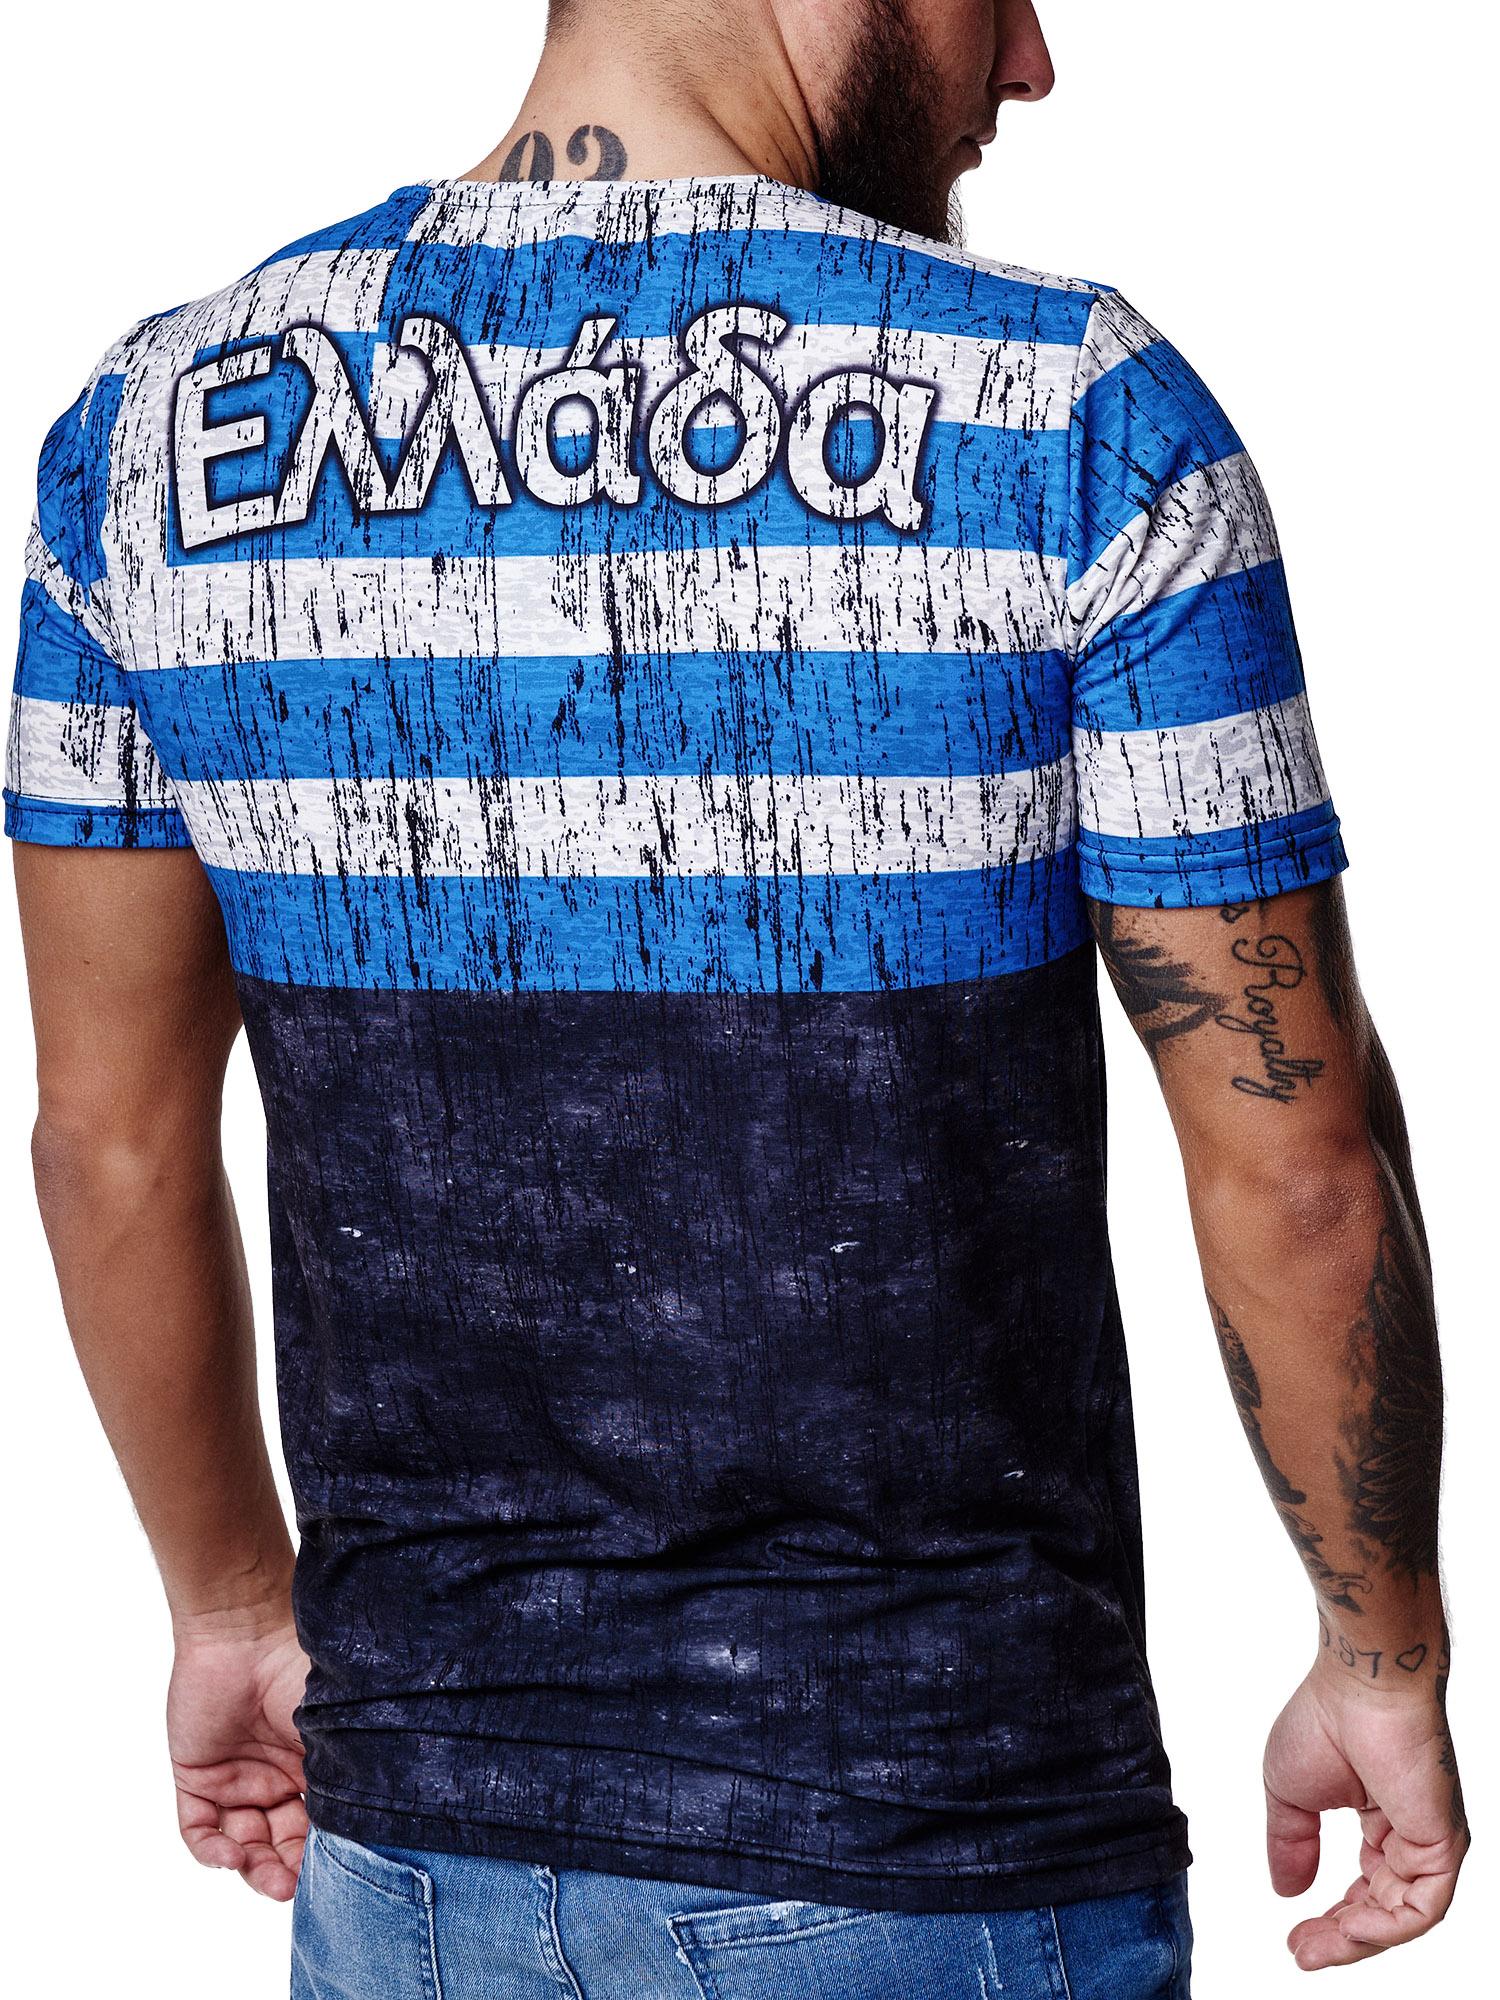 Paesi-da-Donna-T-shirt-A-Maniche-Corte-Girocollo-donne-CALCIO-Fanshirt-John-Kayna miniatura 55